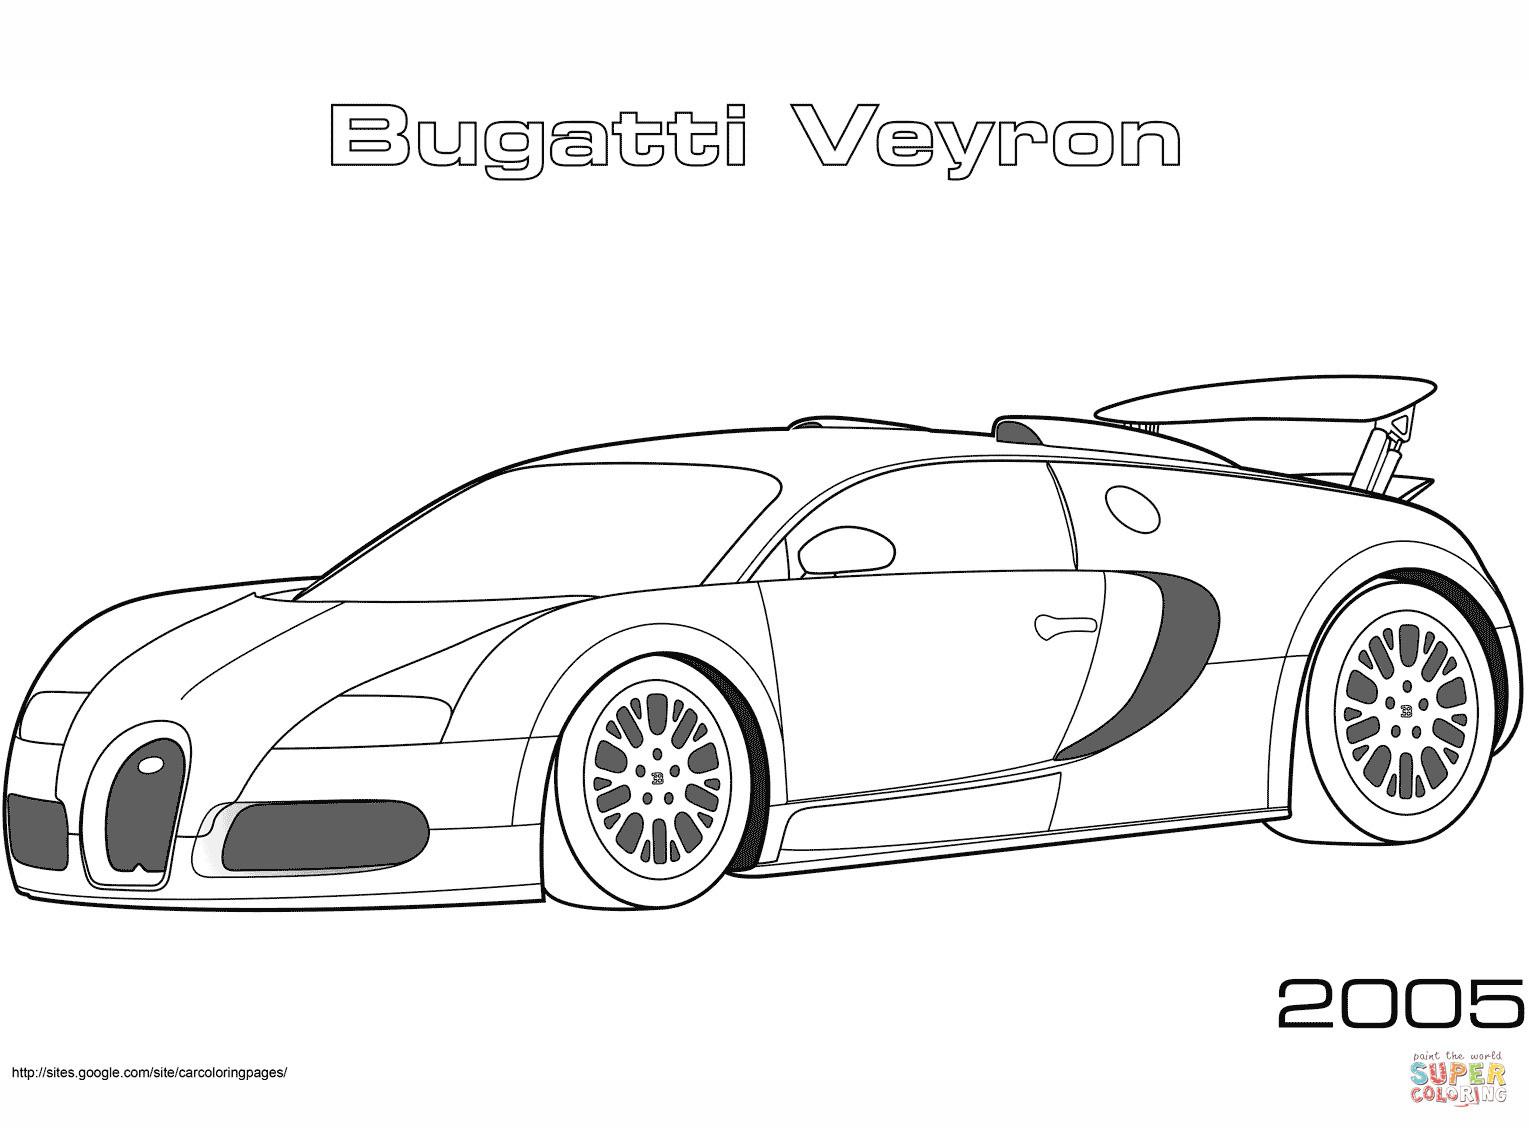 Ausmalbilder Bugatti Chiron Neu Ausmalbilder Bugatti Veyron Ausmalbilder In 2018 Einzigartig Sammlung